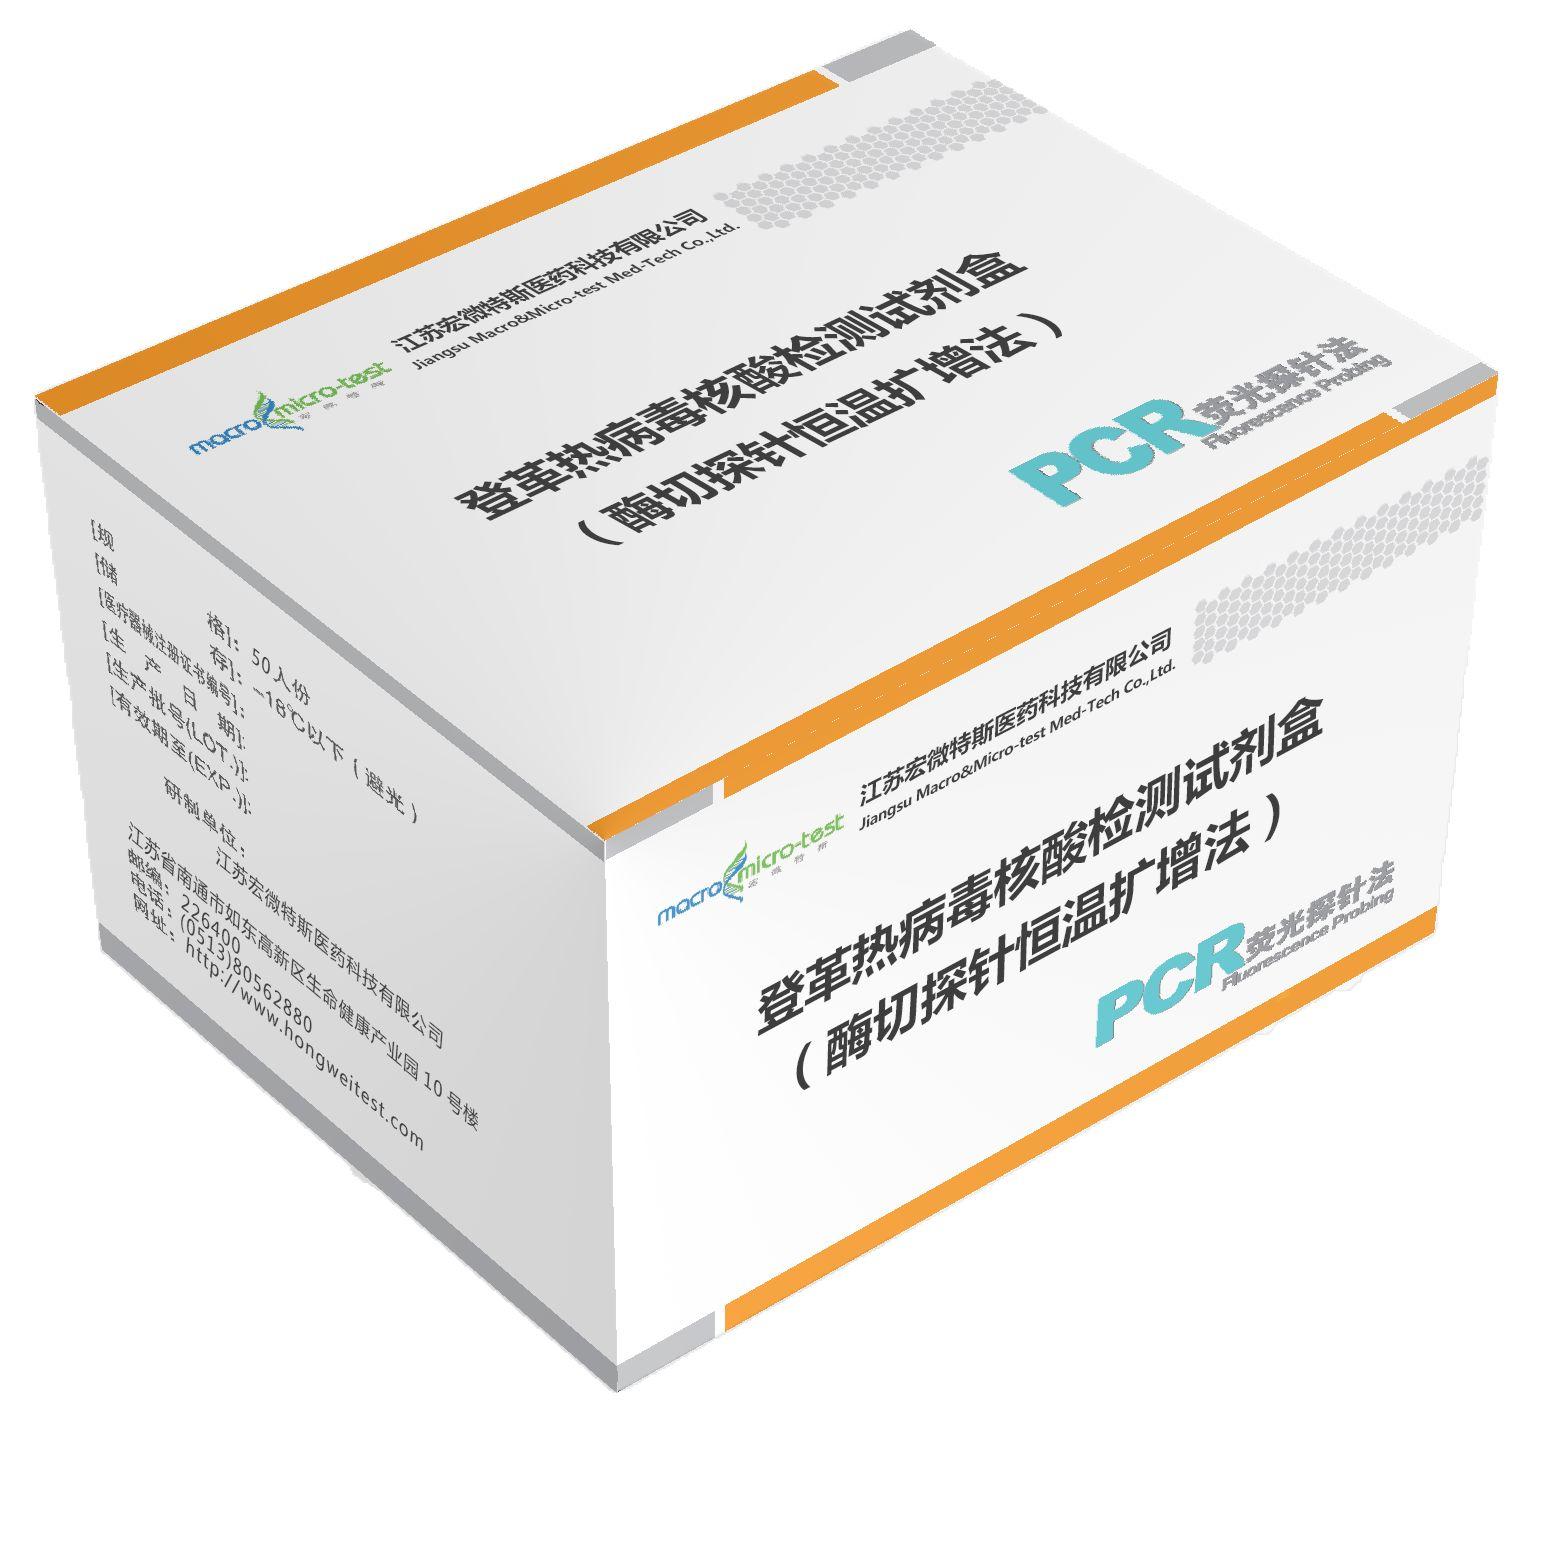 登革热病毒核酸检测试剂盒(酶切探针恒温扩增法)